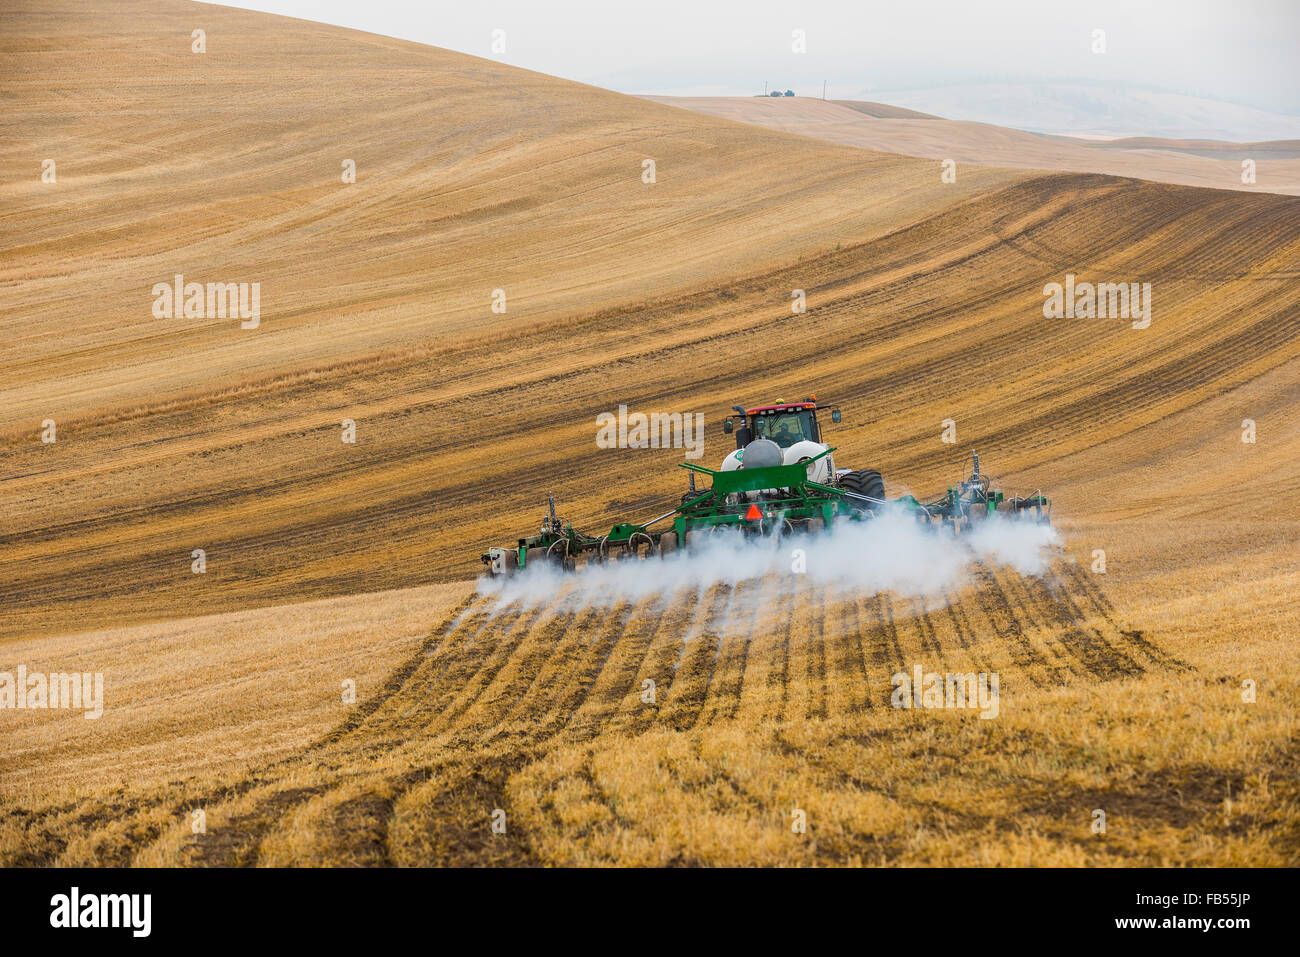 Case Quadtrac Traktor ziehen ein wasserfreies Ammoniak-Tank und Applikator anwenden der wasserfreien auf ein Feld Stockbild